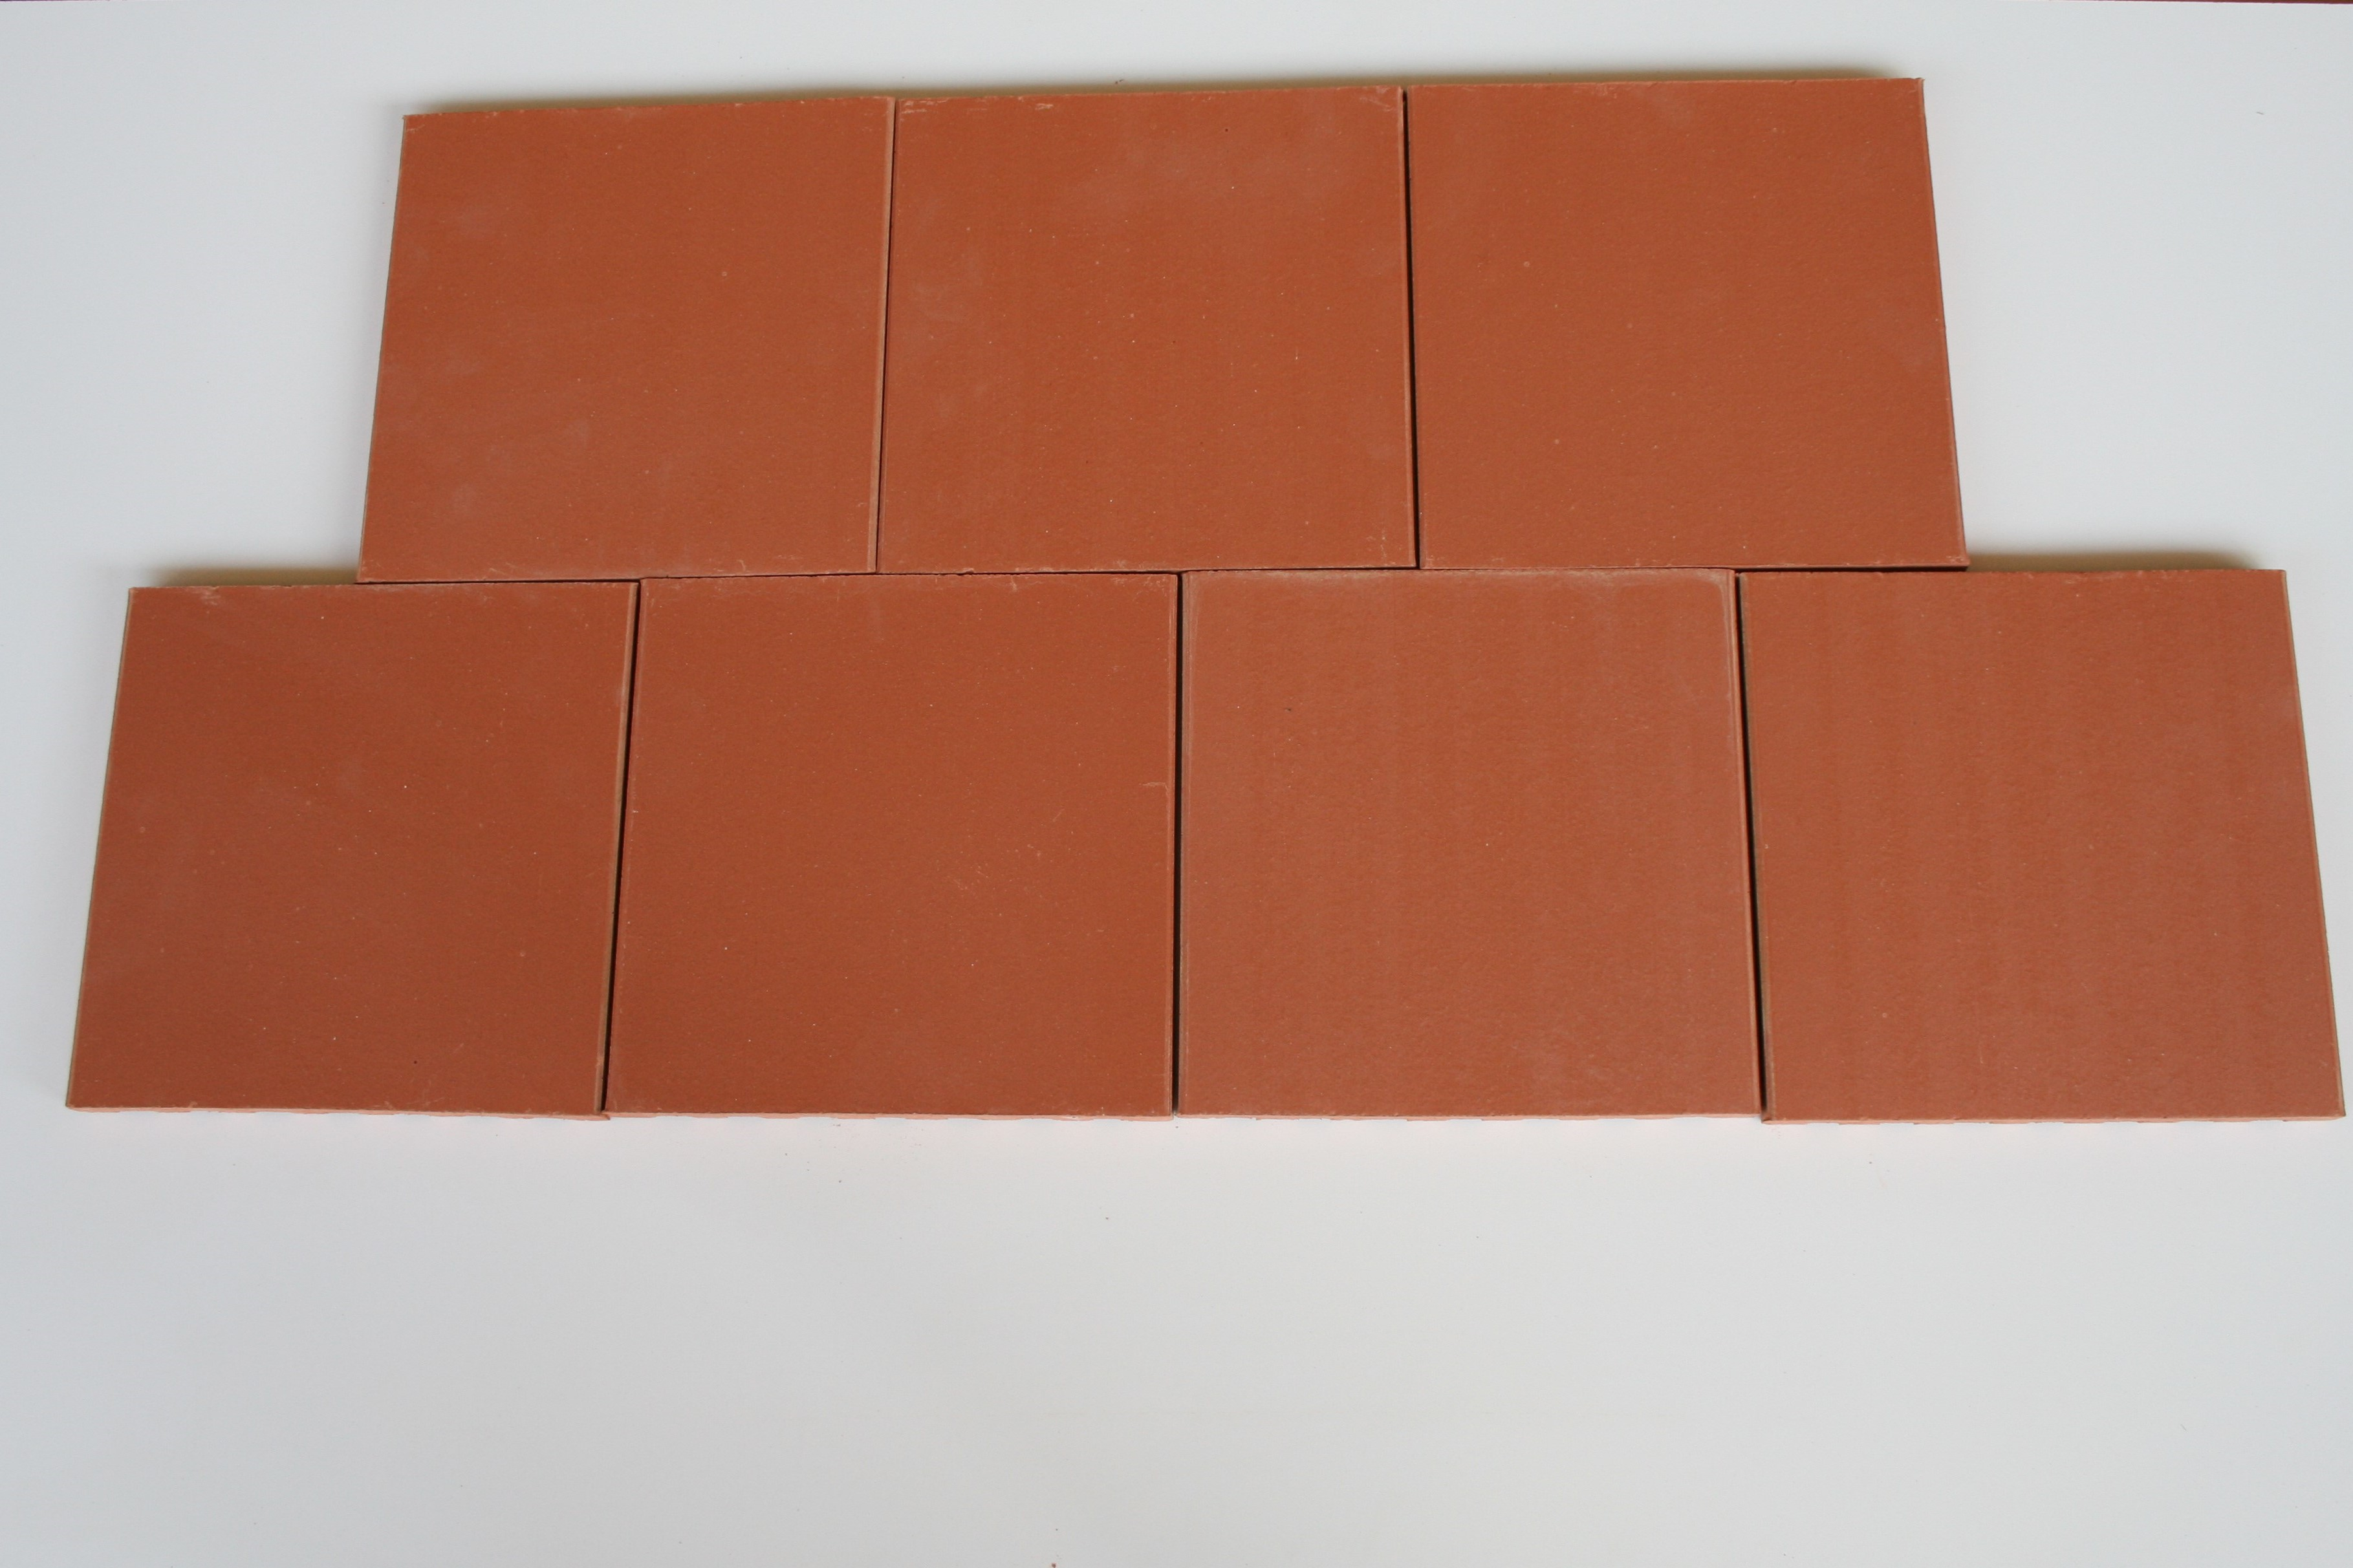 Carreaux terre cuite lisse saumon 20x20x1.4 cm